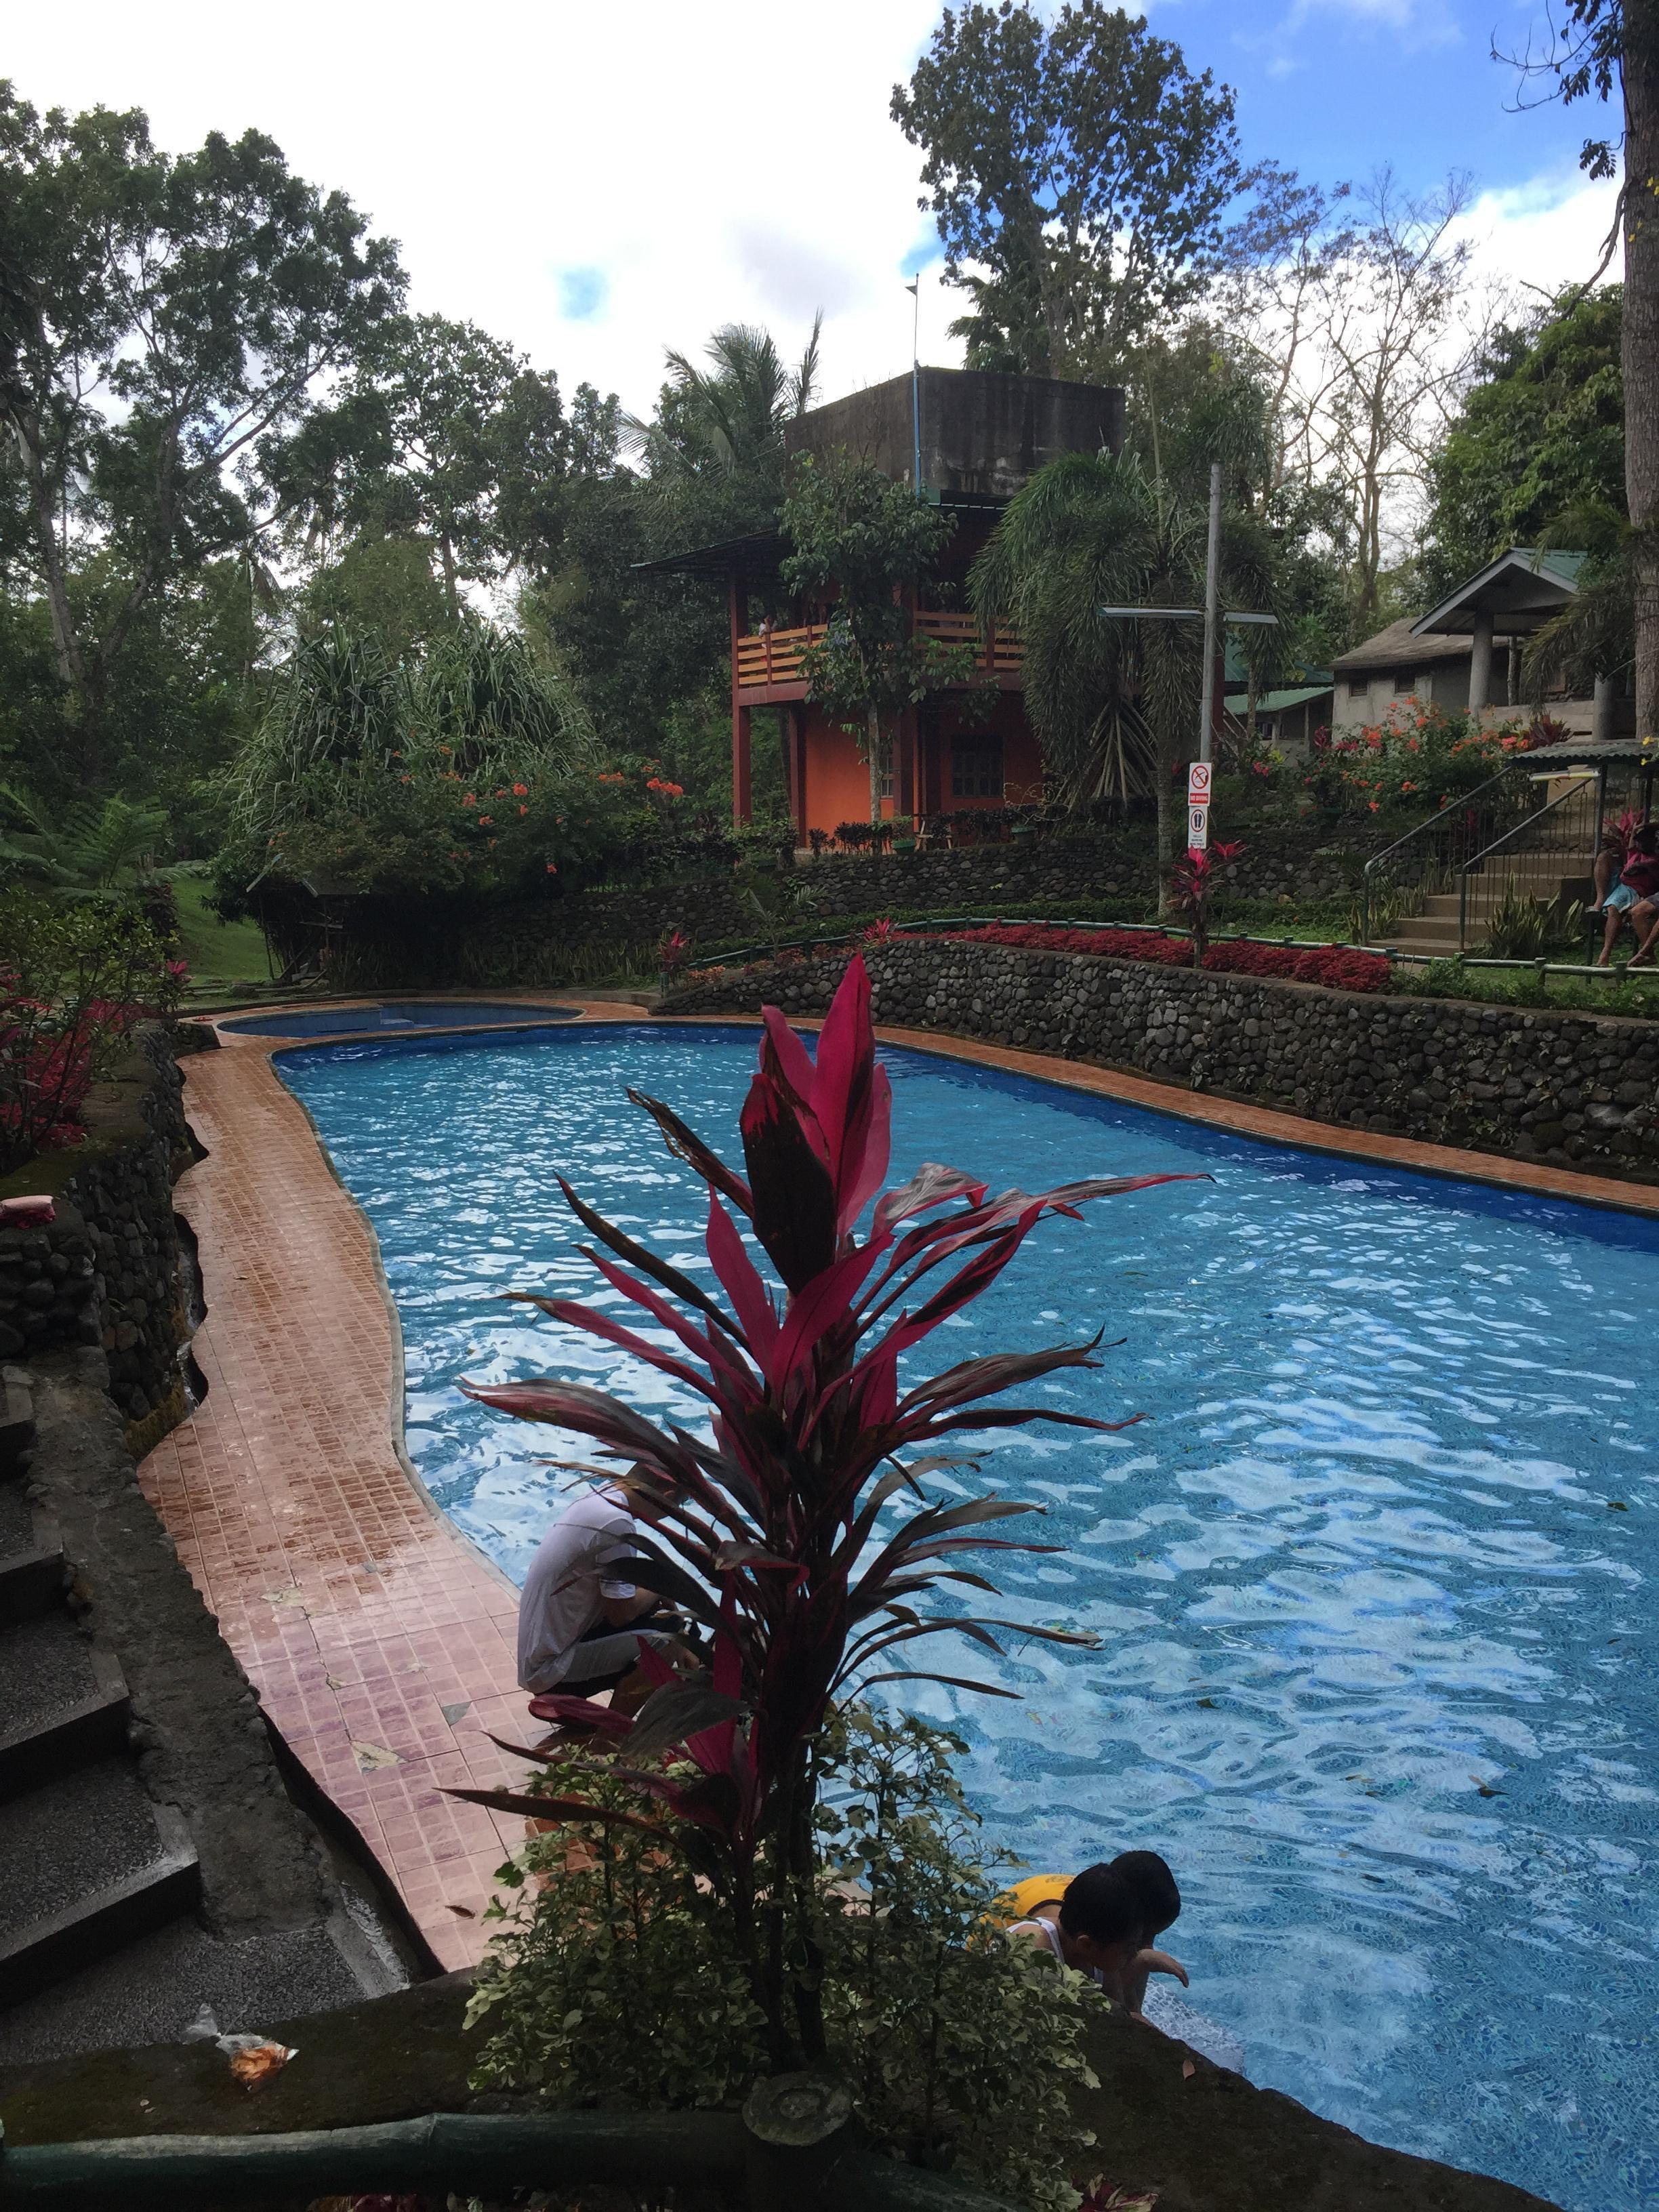 L'autre partie de la piscine